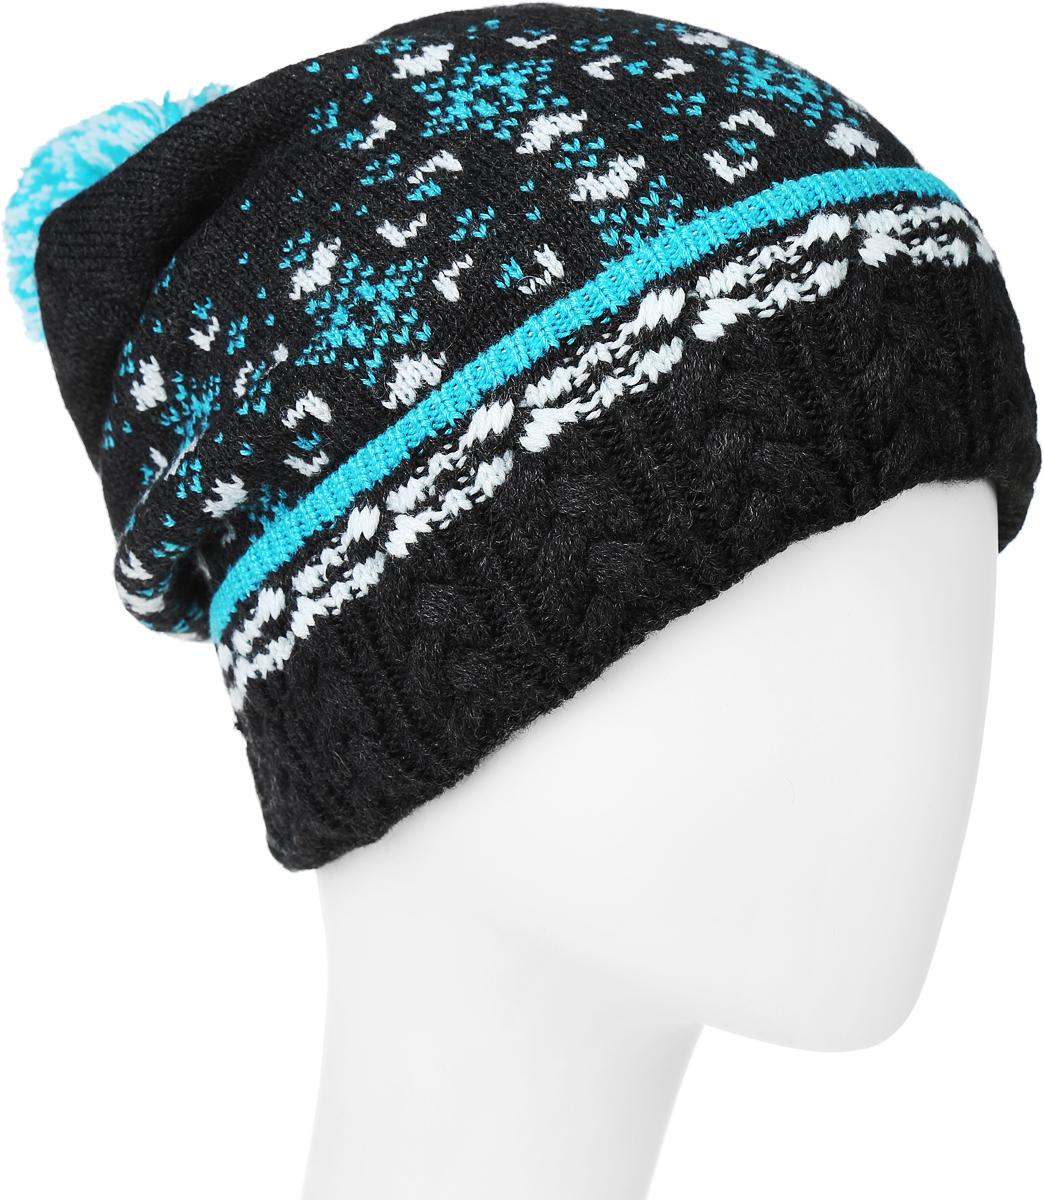 ШапкаMLH6922Теплая женская шапка Marhatter отлично дополнит ваш образ в холодную погоду. Сочетание шерсти и акрила максимально сохраняет тепло и обеспечивает удобную посадку, невероятную легкость и мягкость. Шапка с отворотом дополнена интересным принтом. Макушка модели дополнена помпоном. Уважаемые клиенты! Размер, доступный для заказа, является обхватом головы.